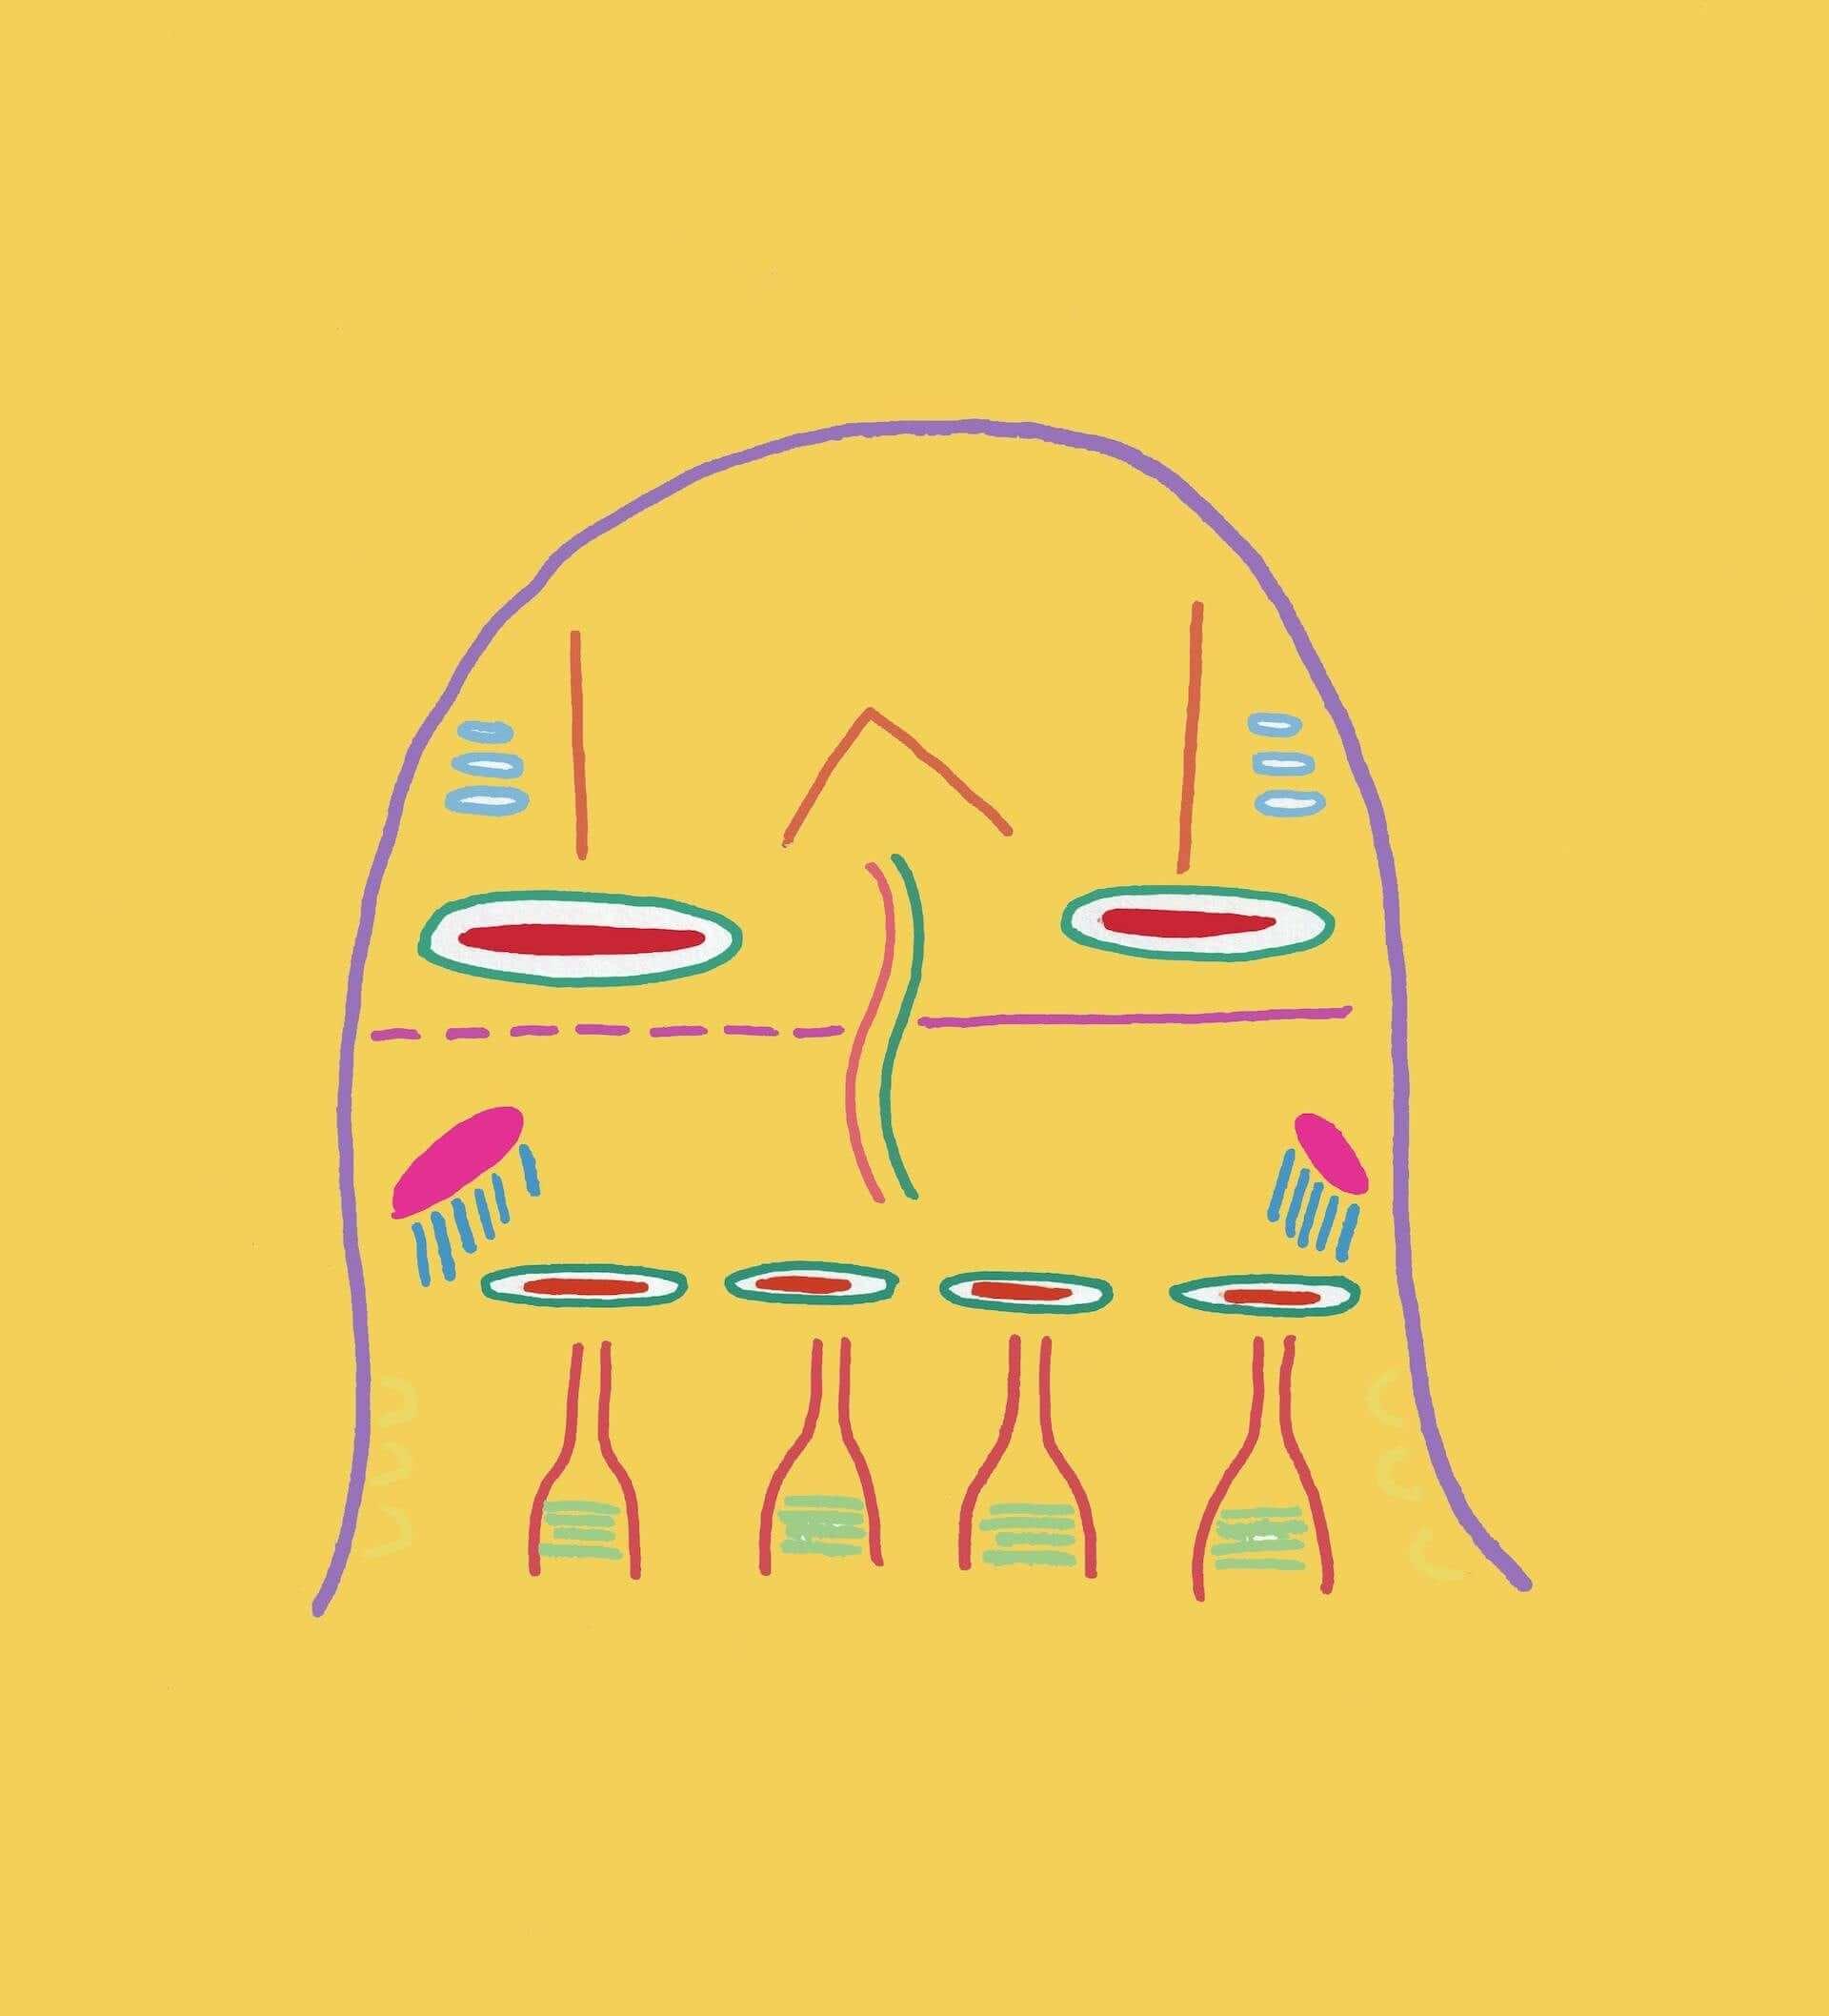 静岡の泊まれる公園「INN THE PARK」にて野外フェス<DISTANCE>が開催決定!DJ Nobu、Soichi Terada、Mars89、Jun Kamodaらが出演 music201006_distance2020_12-1920x2116